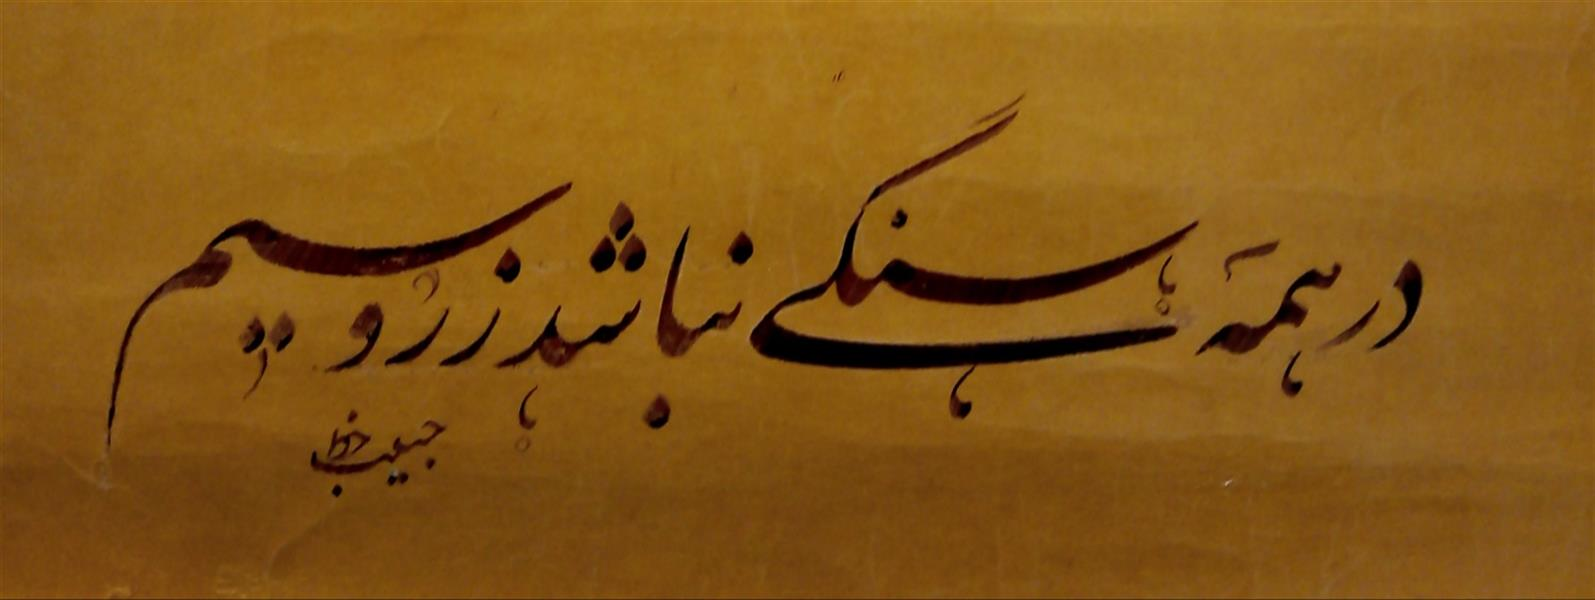 هنر خوشنویسی محفل خوشنویسی (Hghgallery(Habib Ghanbari در همه سنگی نباشد زر و سیم خوشنویسی حبیب قنبری اجرا با قلم 4 میلیمتر و مرکب ترکیبی و کاغذ اهار مهره 1399